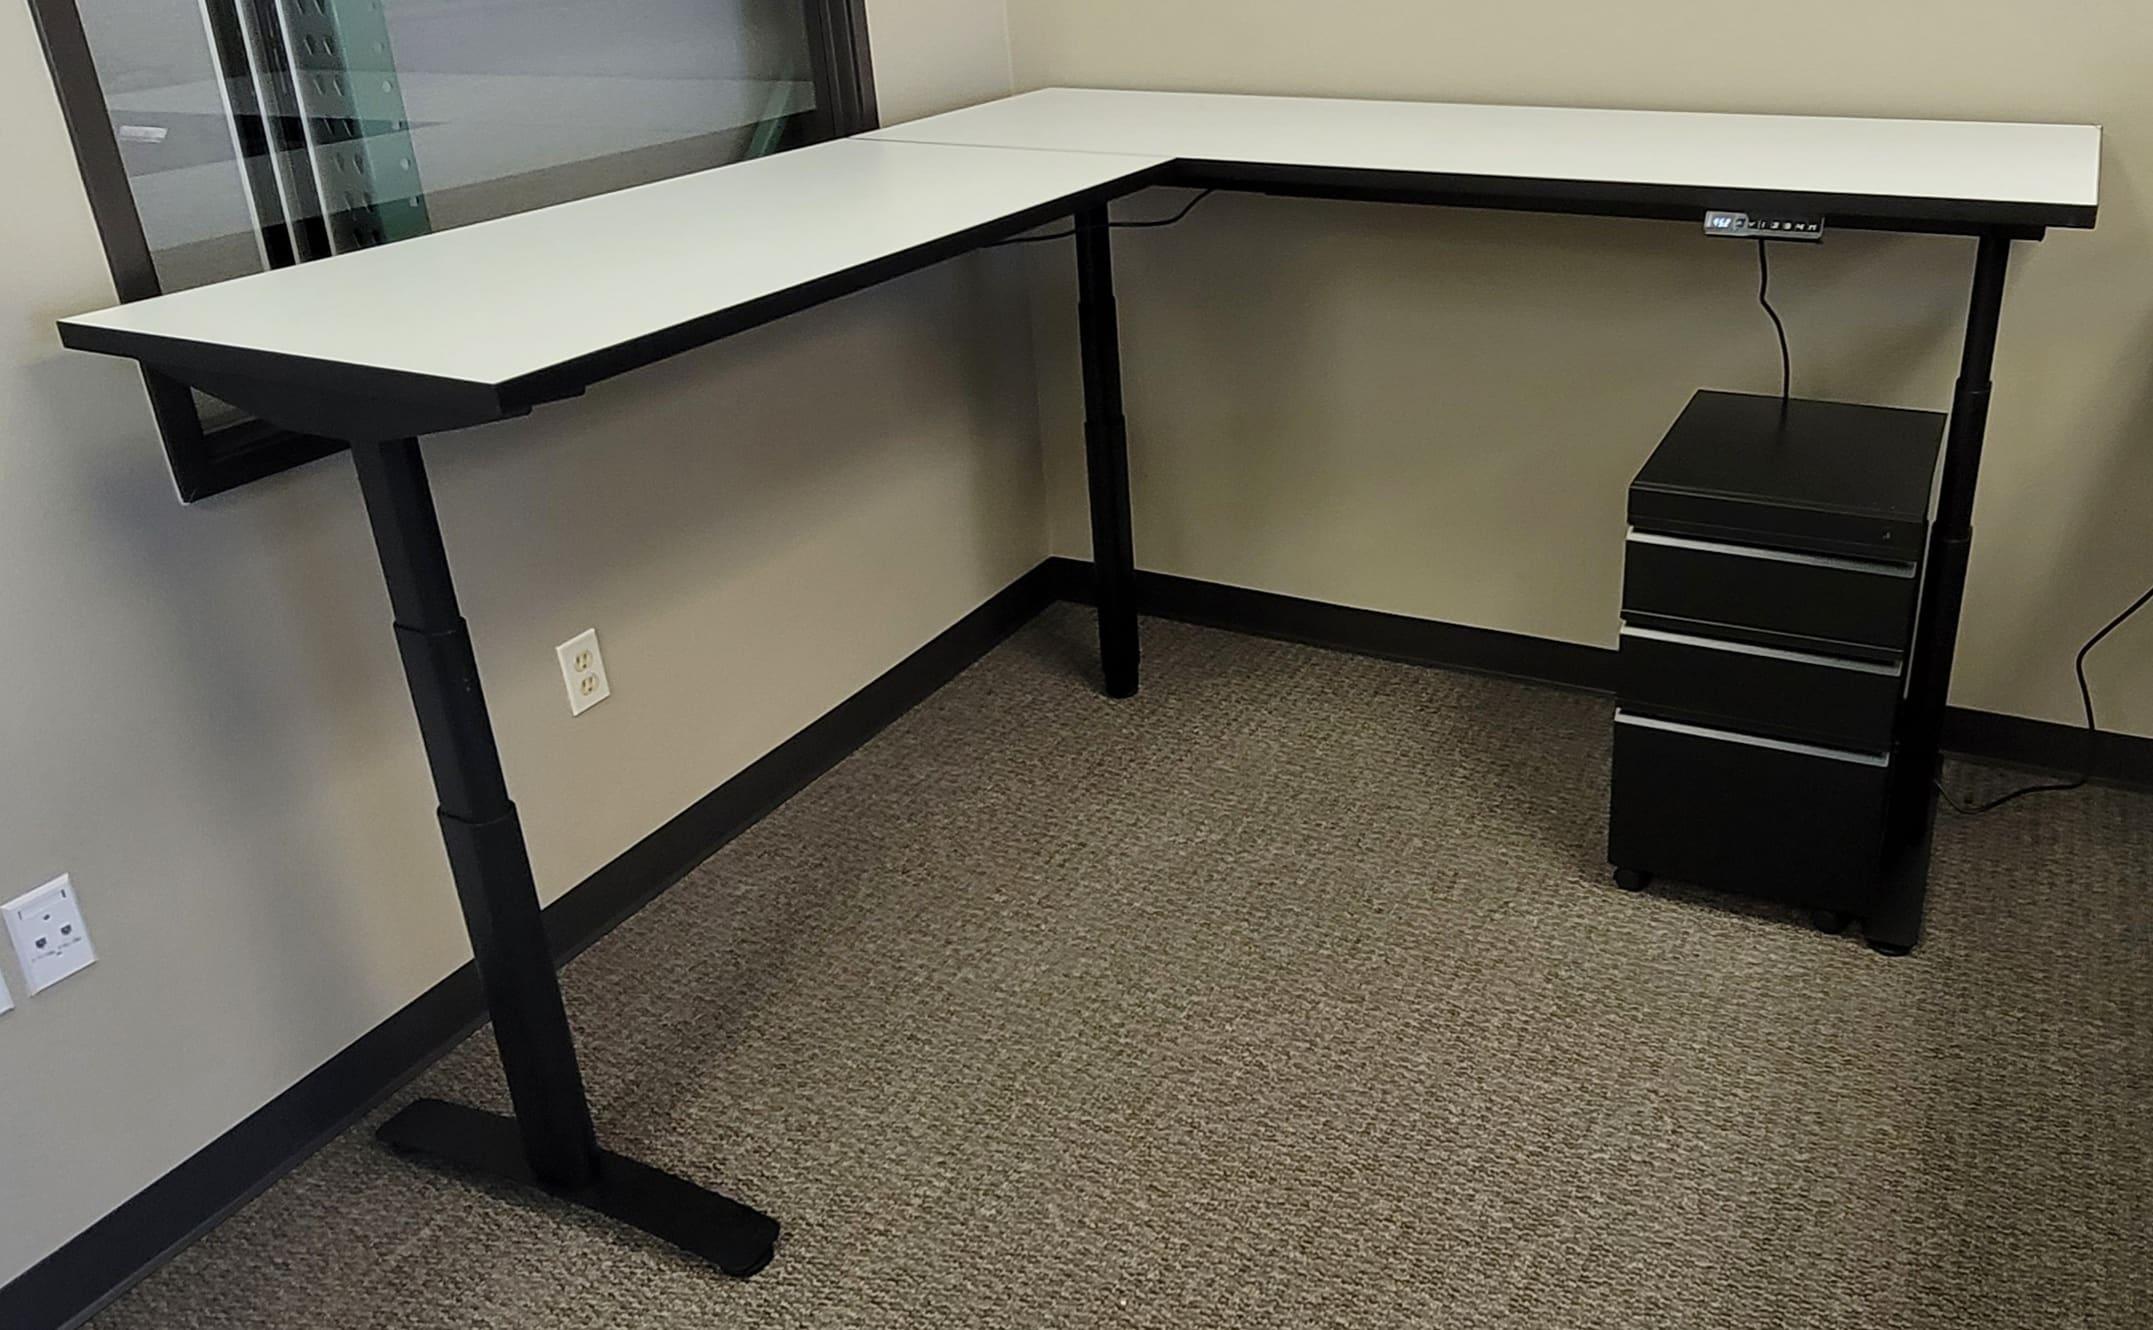 Used Adjustable Sit Stand L Shape Desks for Sale